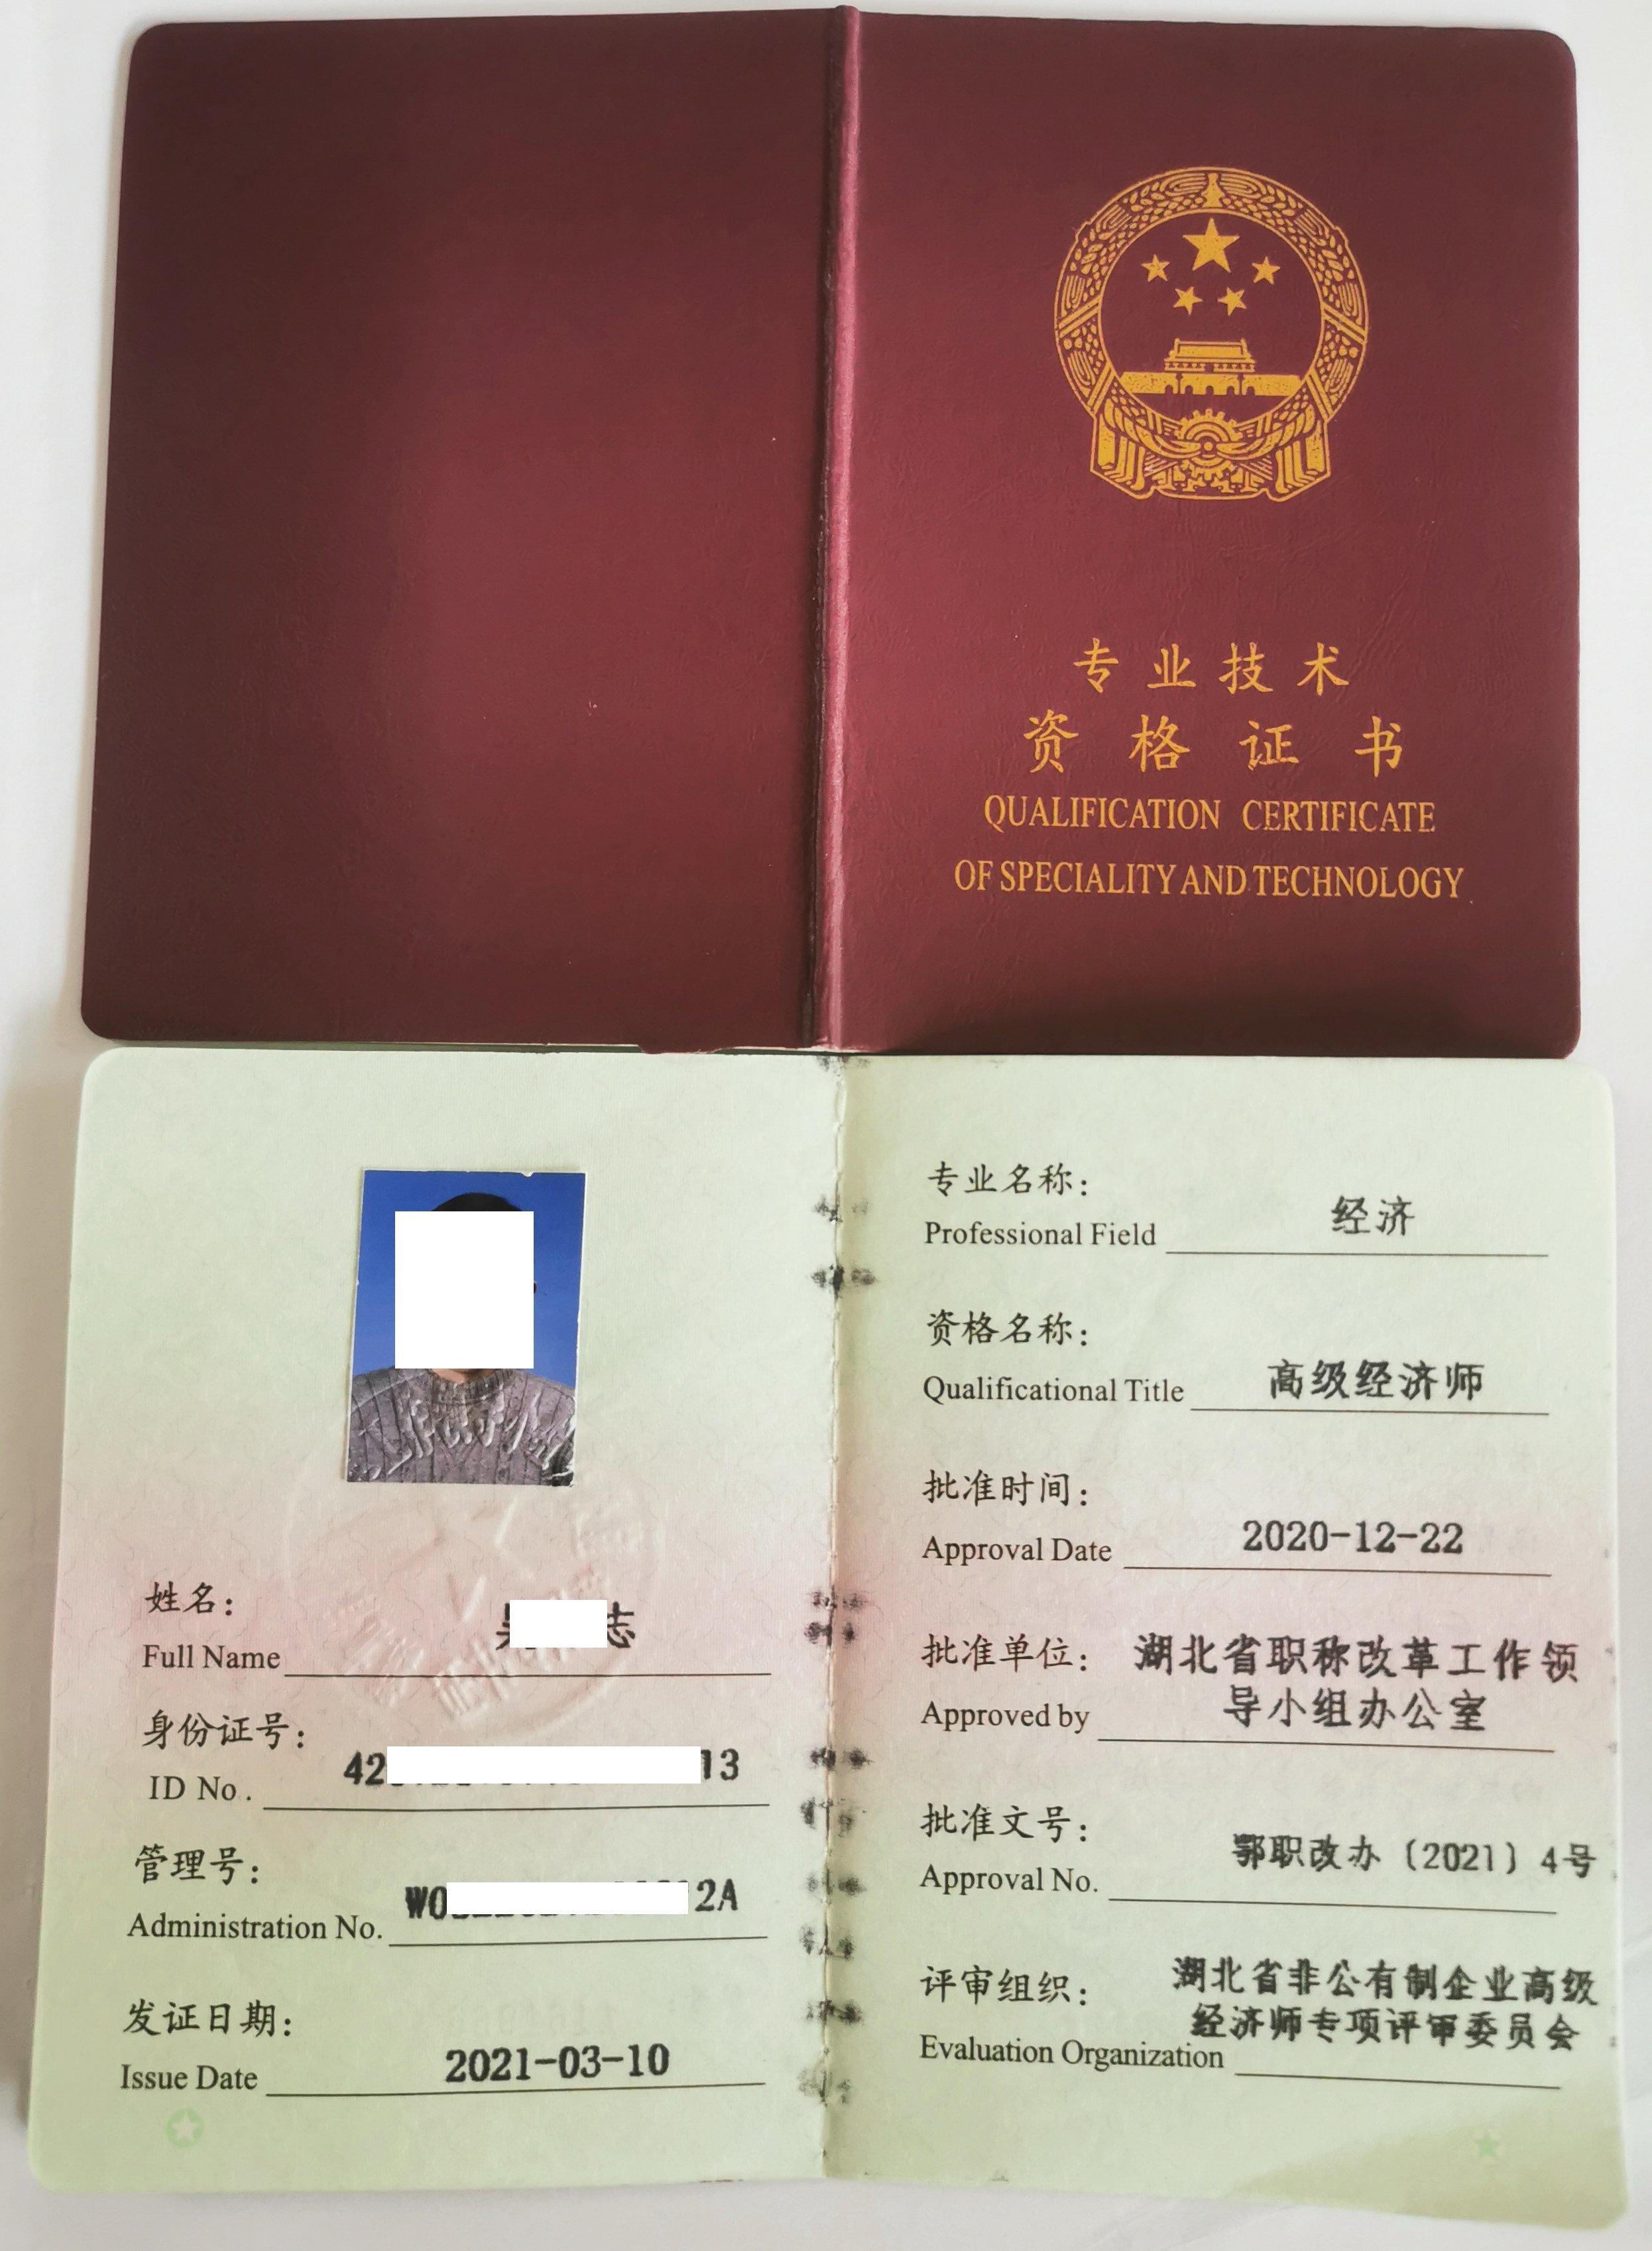 2021年湖北省人社厅,湖北省职改办高级经济师职称证书样本